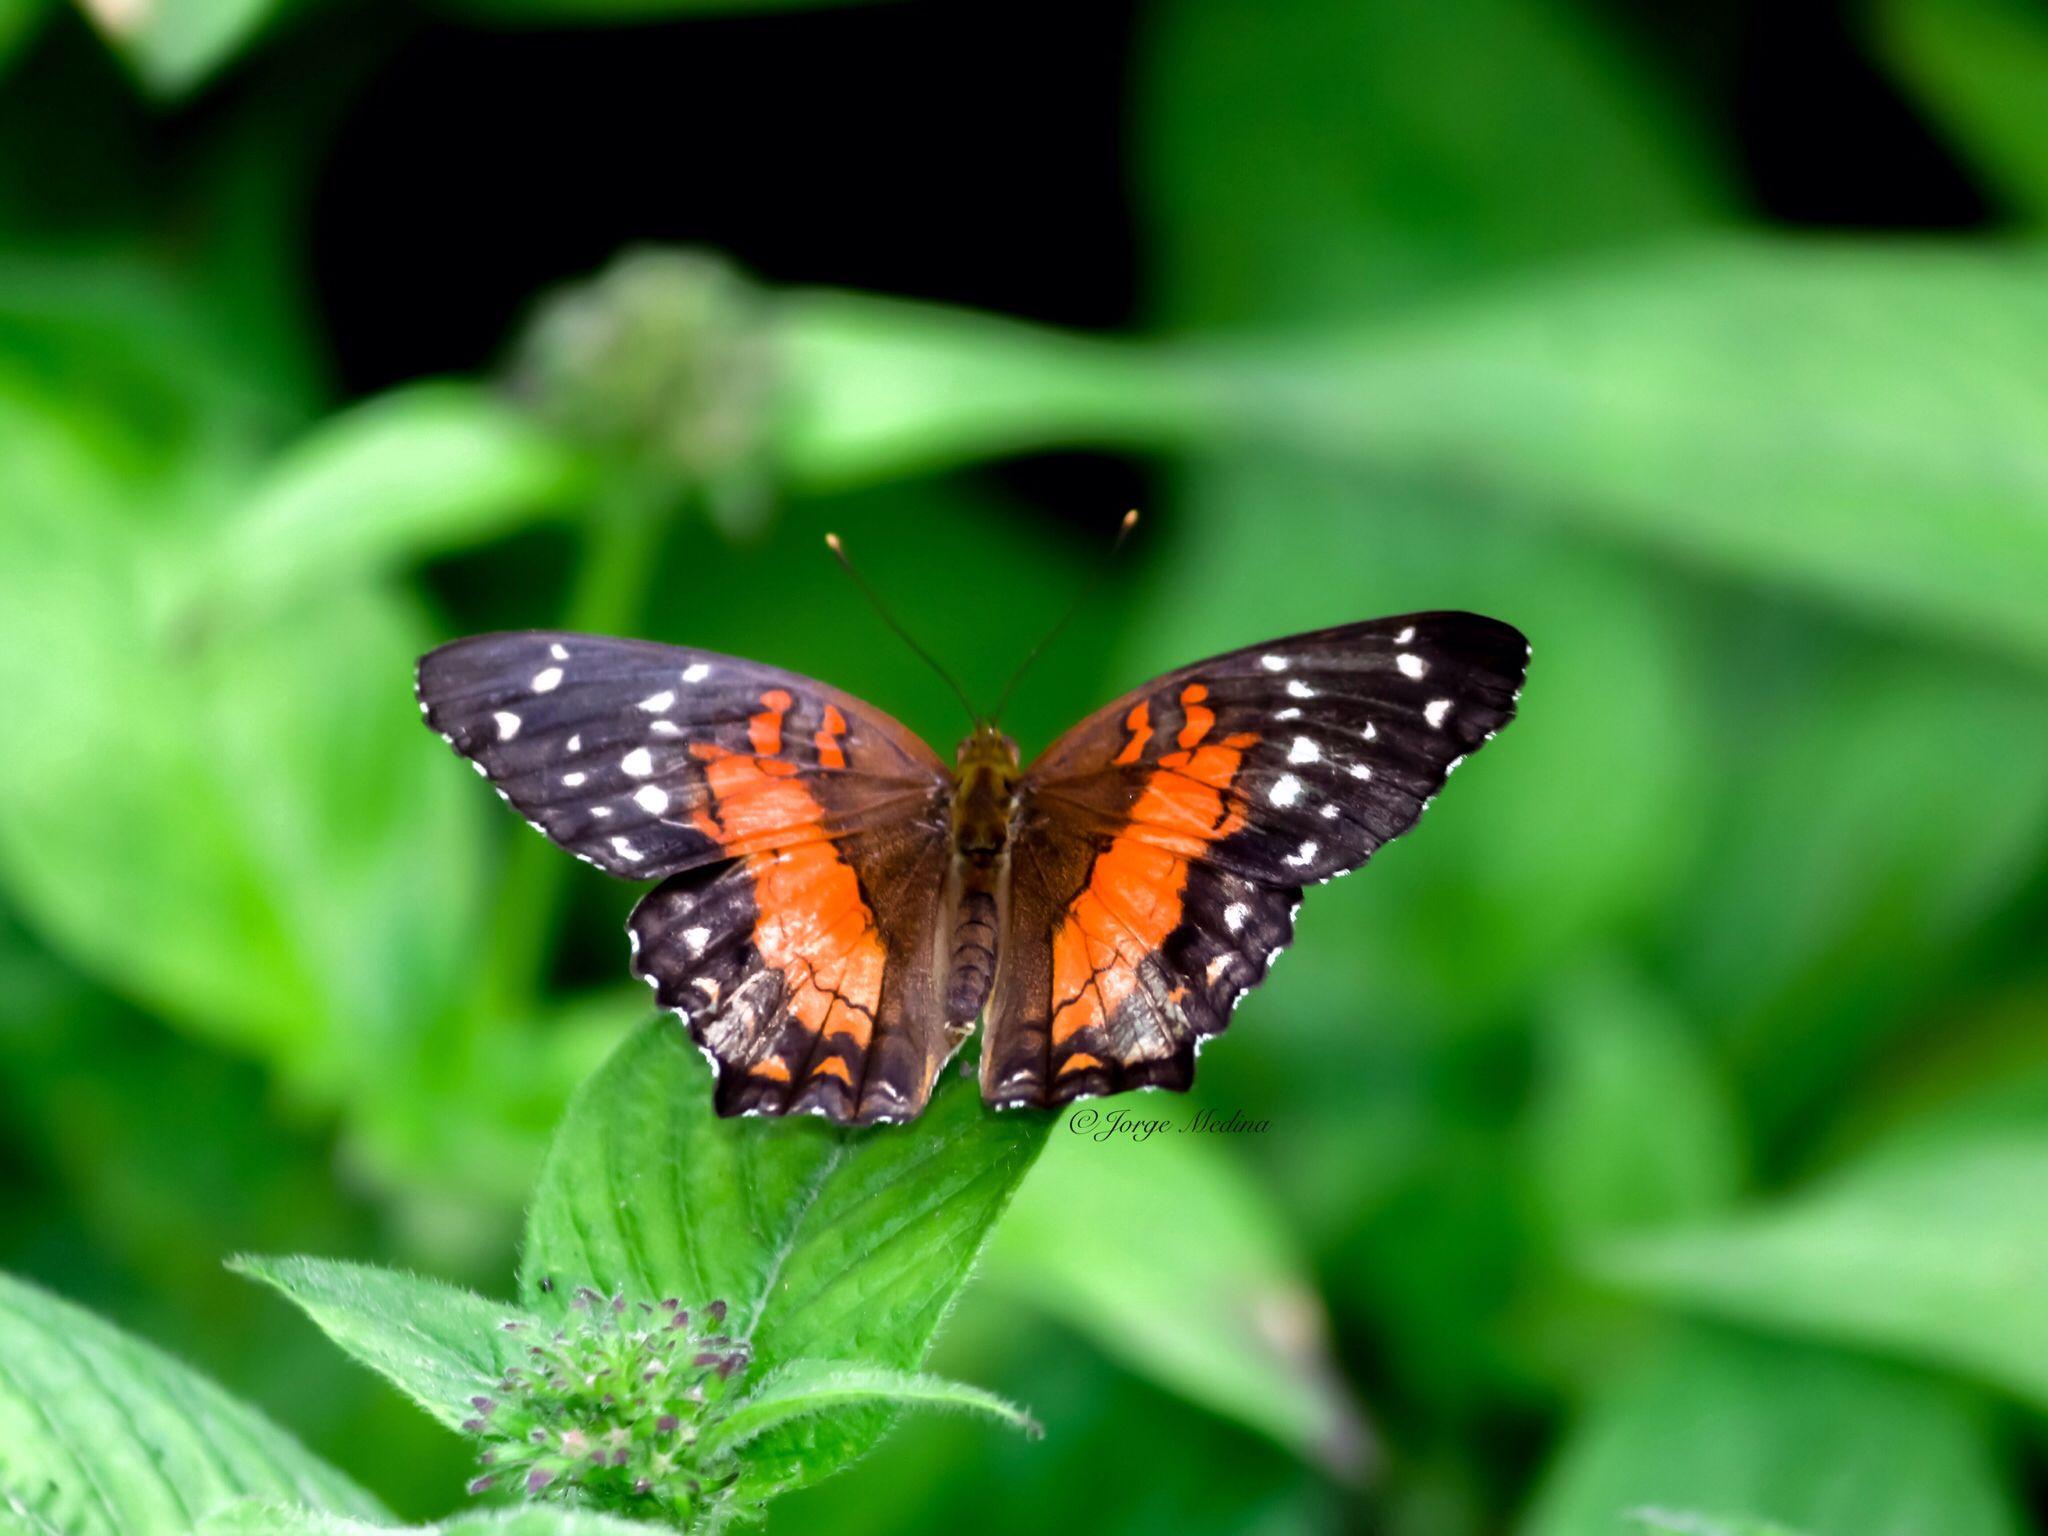 Butterfly Butterflies, Fairchild Tropical Garden Miami Florida  #JMphotography